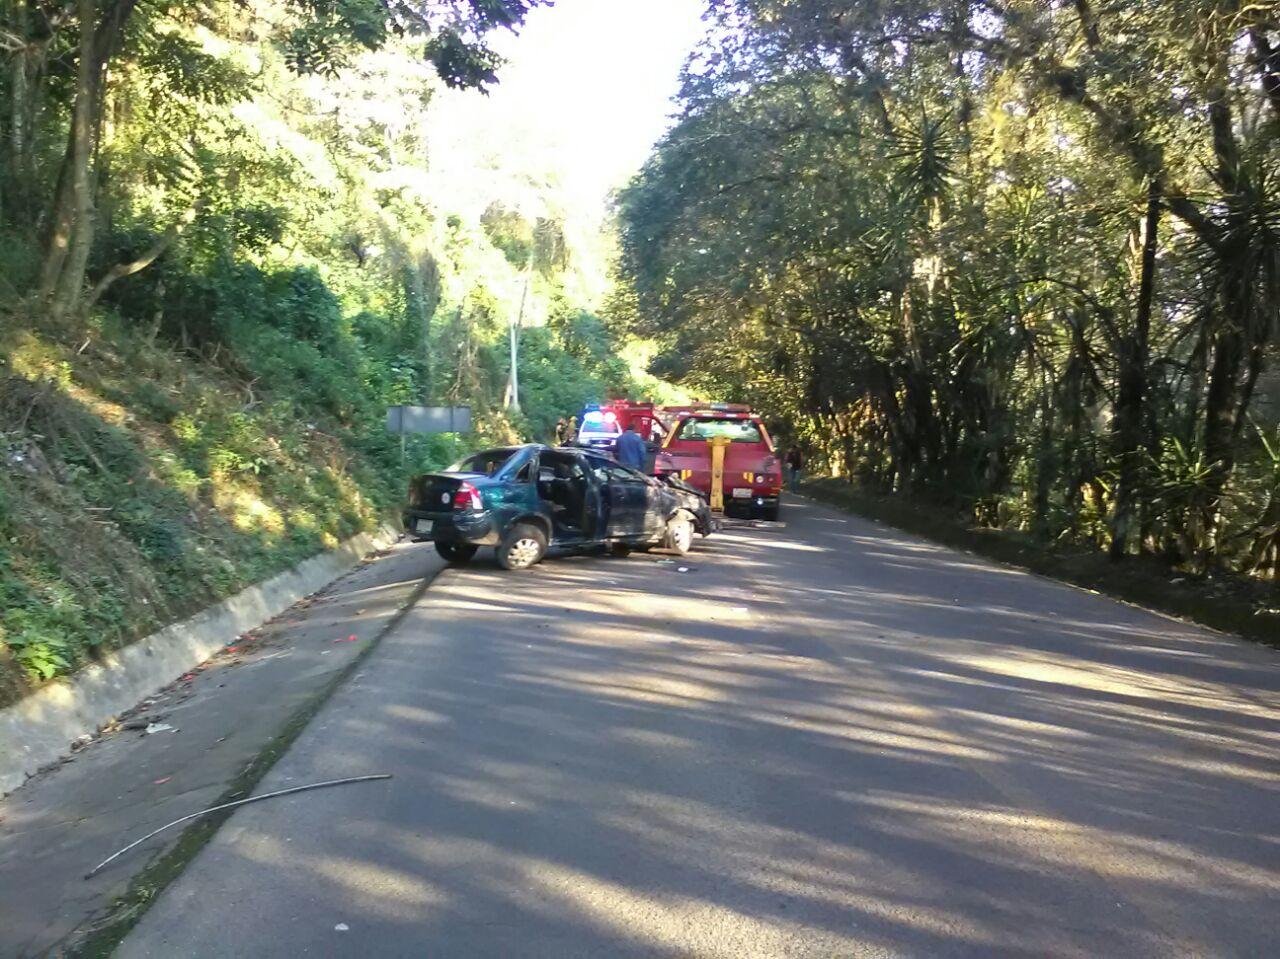 Un muerto y un lesionado tras accidente automovilístico en Briones